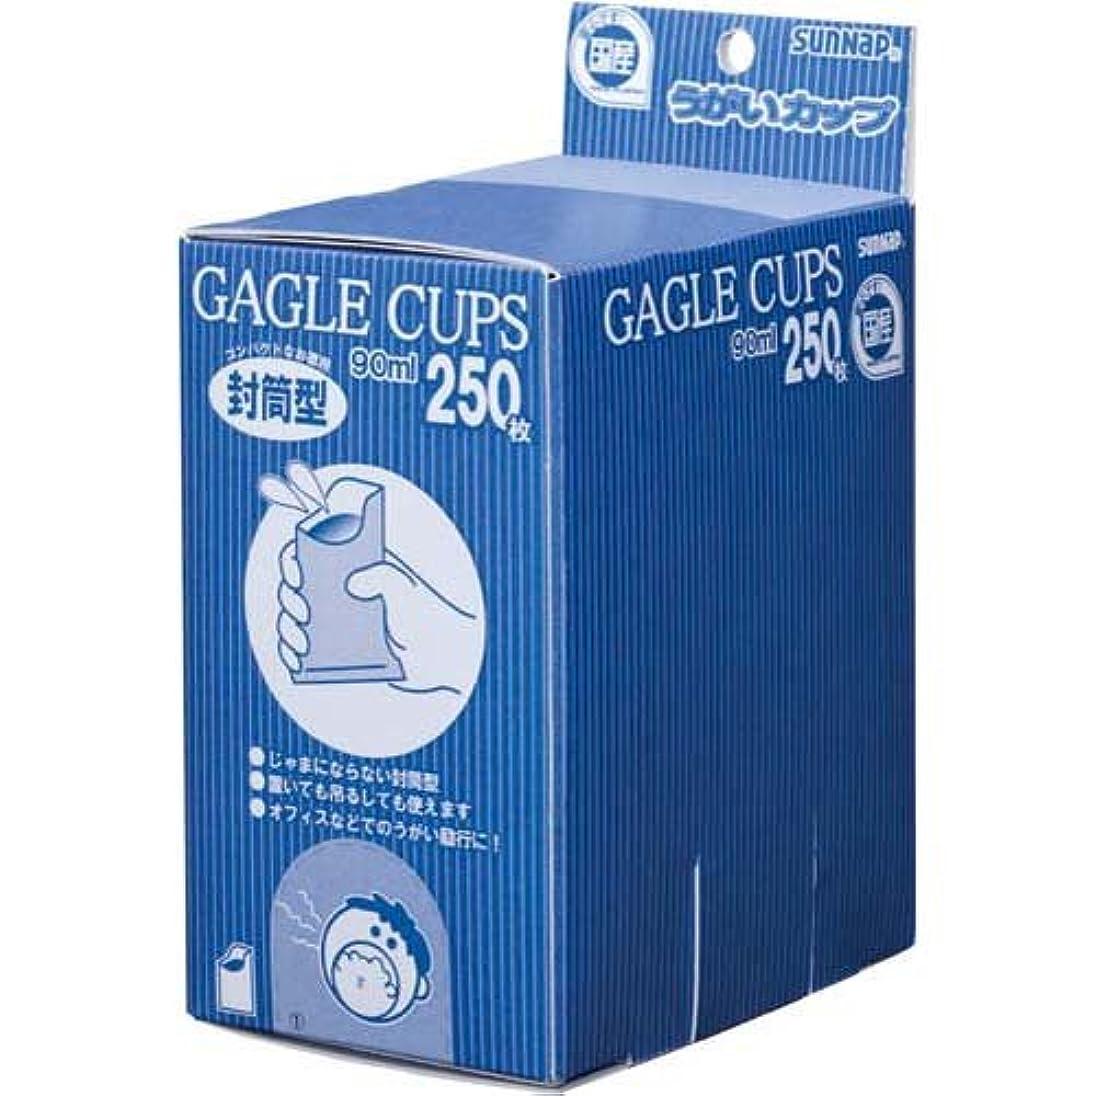 上院議員紀元前仲人サンナップ 封筒型うがいカップ250枚×5箱